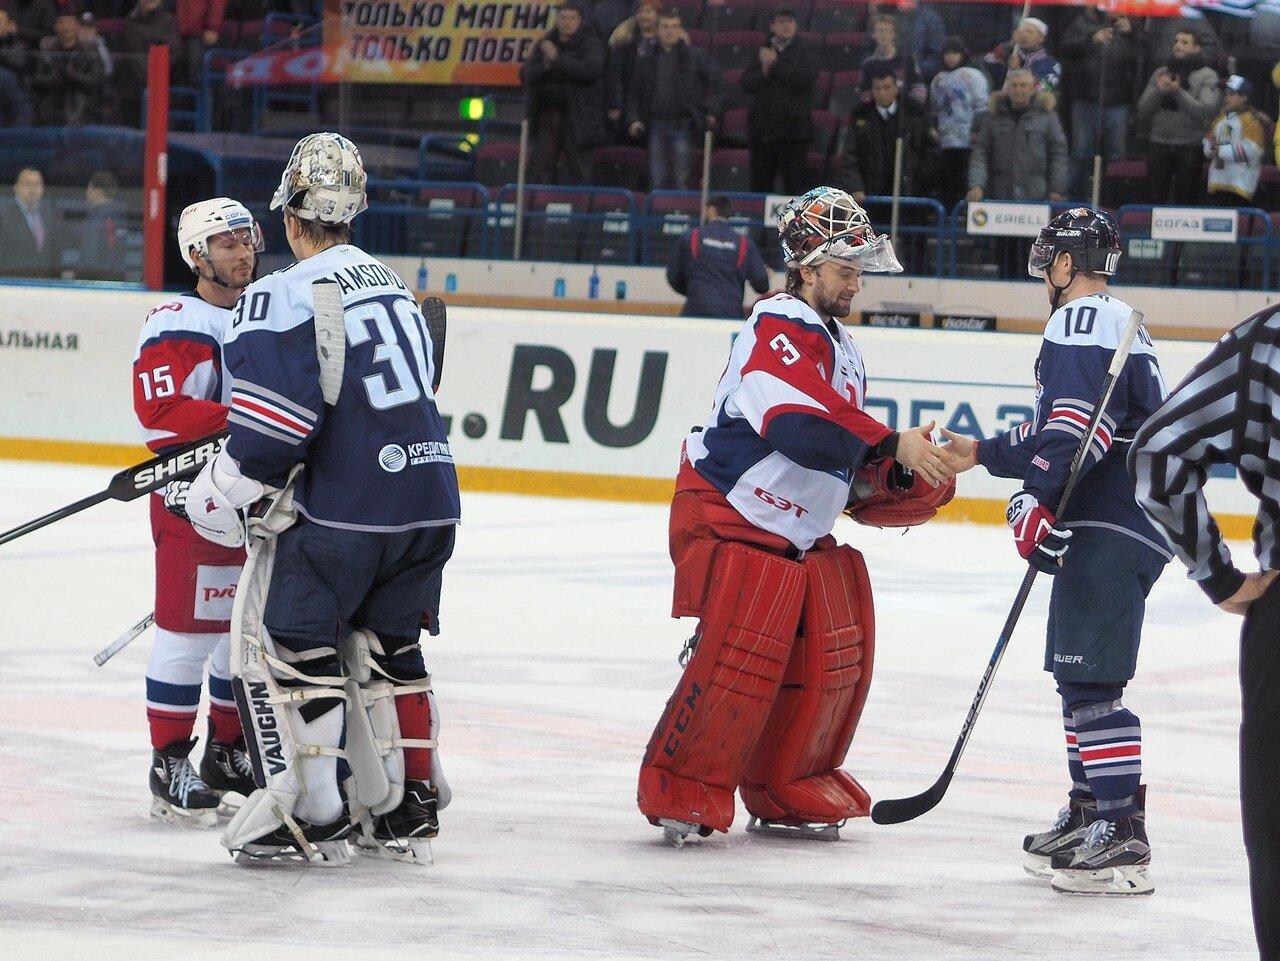 146Металлург - Локомотив 23.11.2016